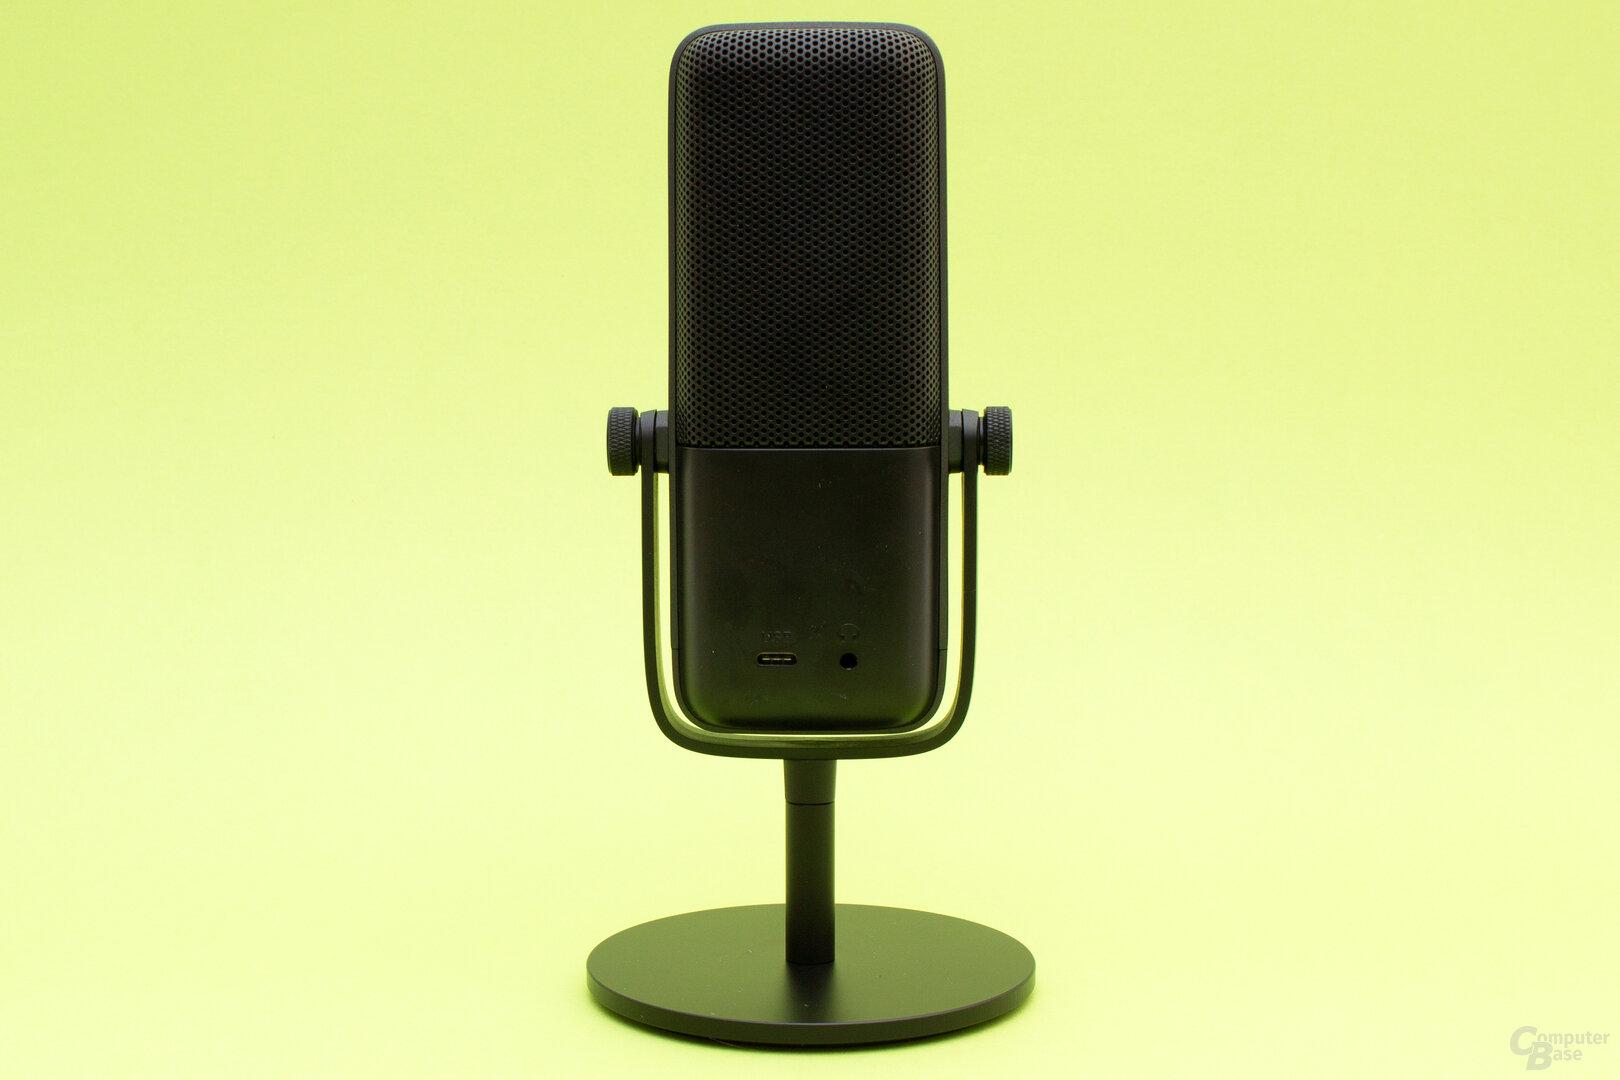 Neben dem USB-C-Anschluss lässt sich beim Wave:3 auch ein Kopfhörer anschließen